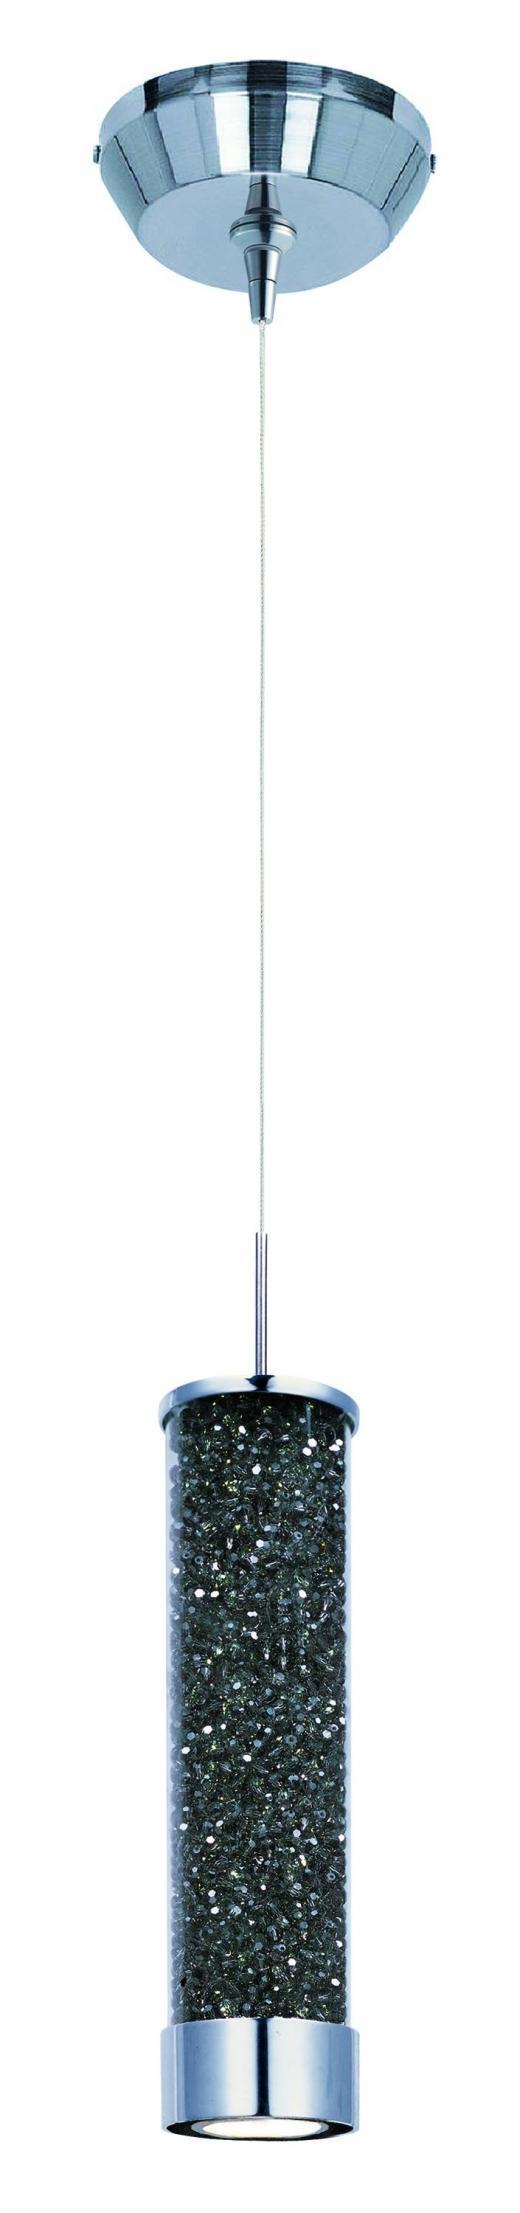 ET2 E94350-138PC Chroma 1-Light LED RapidJack Pendant and Canopy